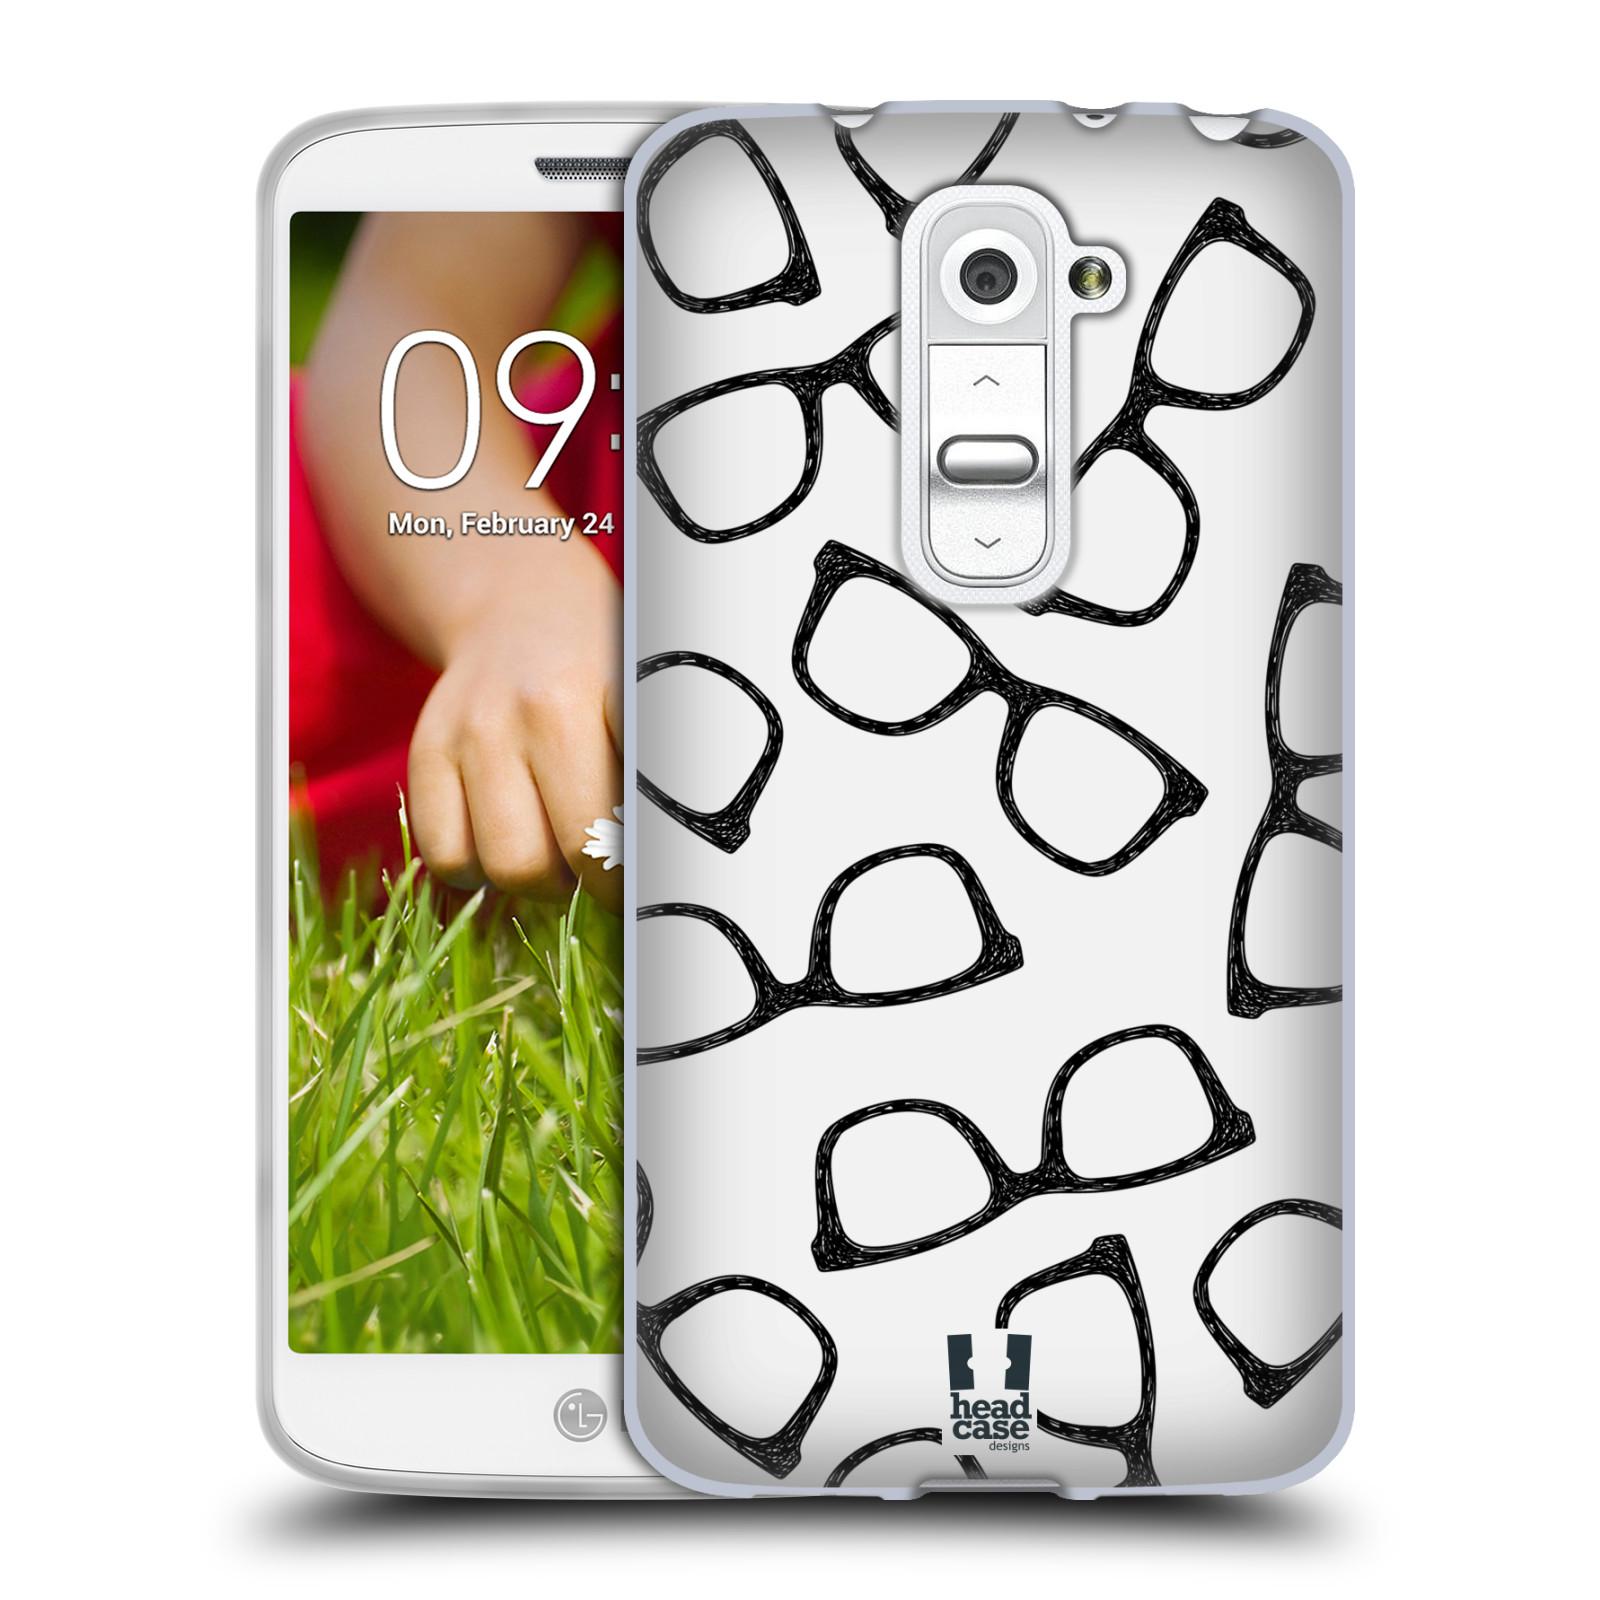 Silikonové pouzdro na mobil LG G2 Mini HEAD CASE HIPSTER BRÝLE (Silikonový kryt či obal na mobilní telefon LG G2 Mini D620)